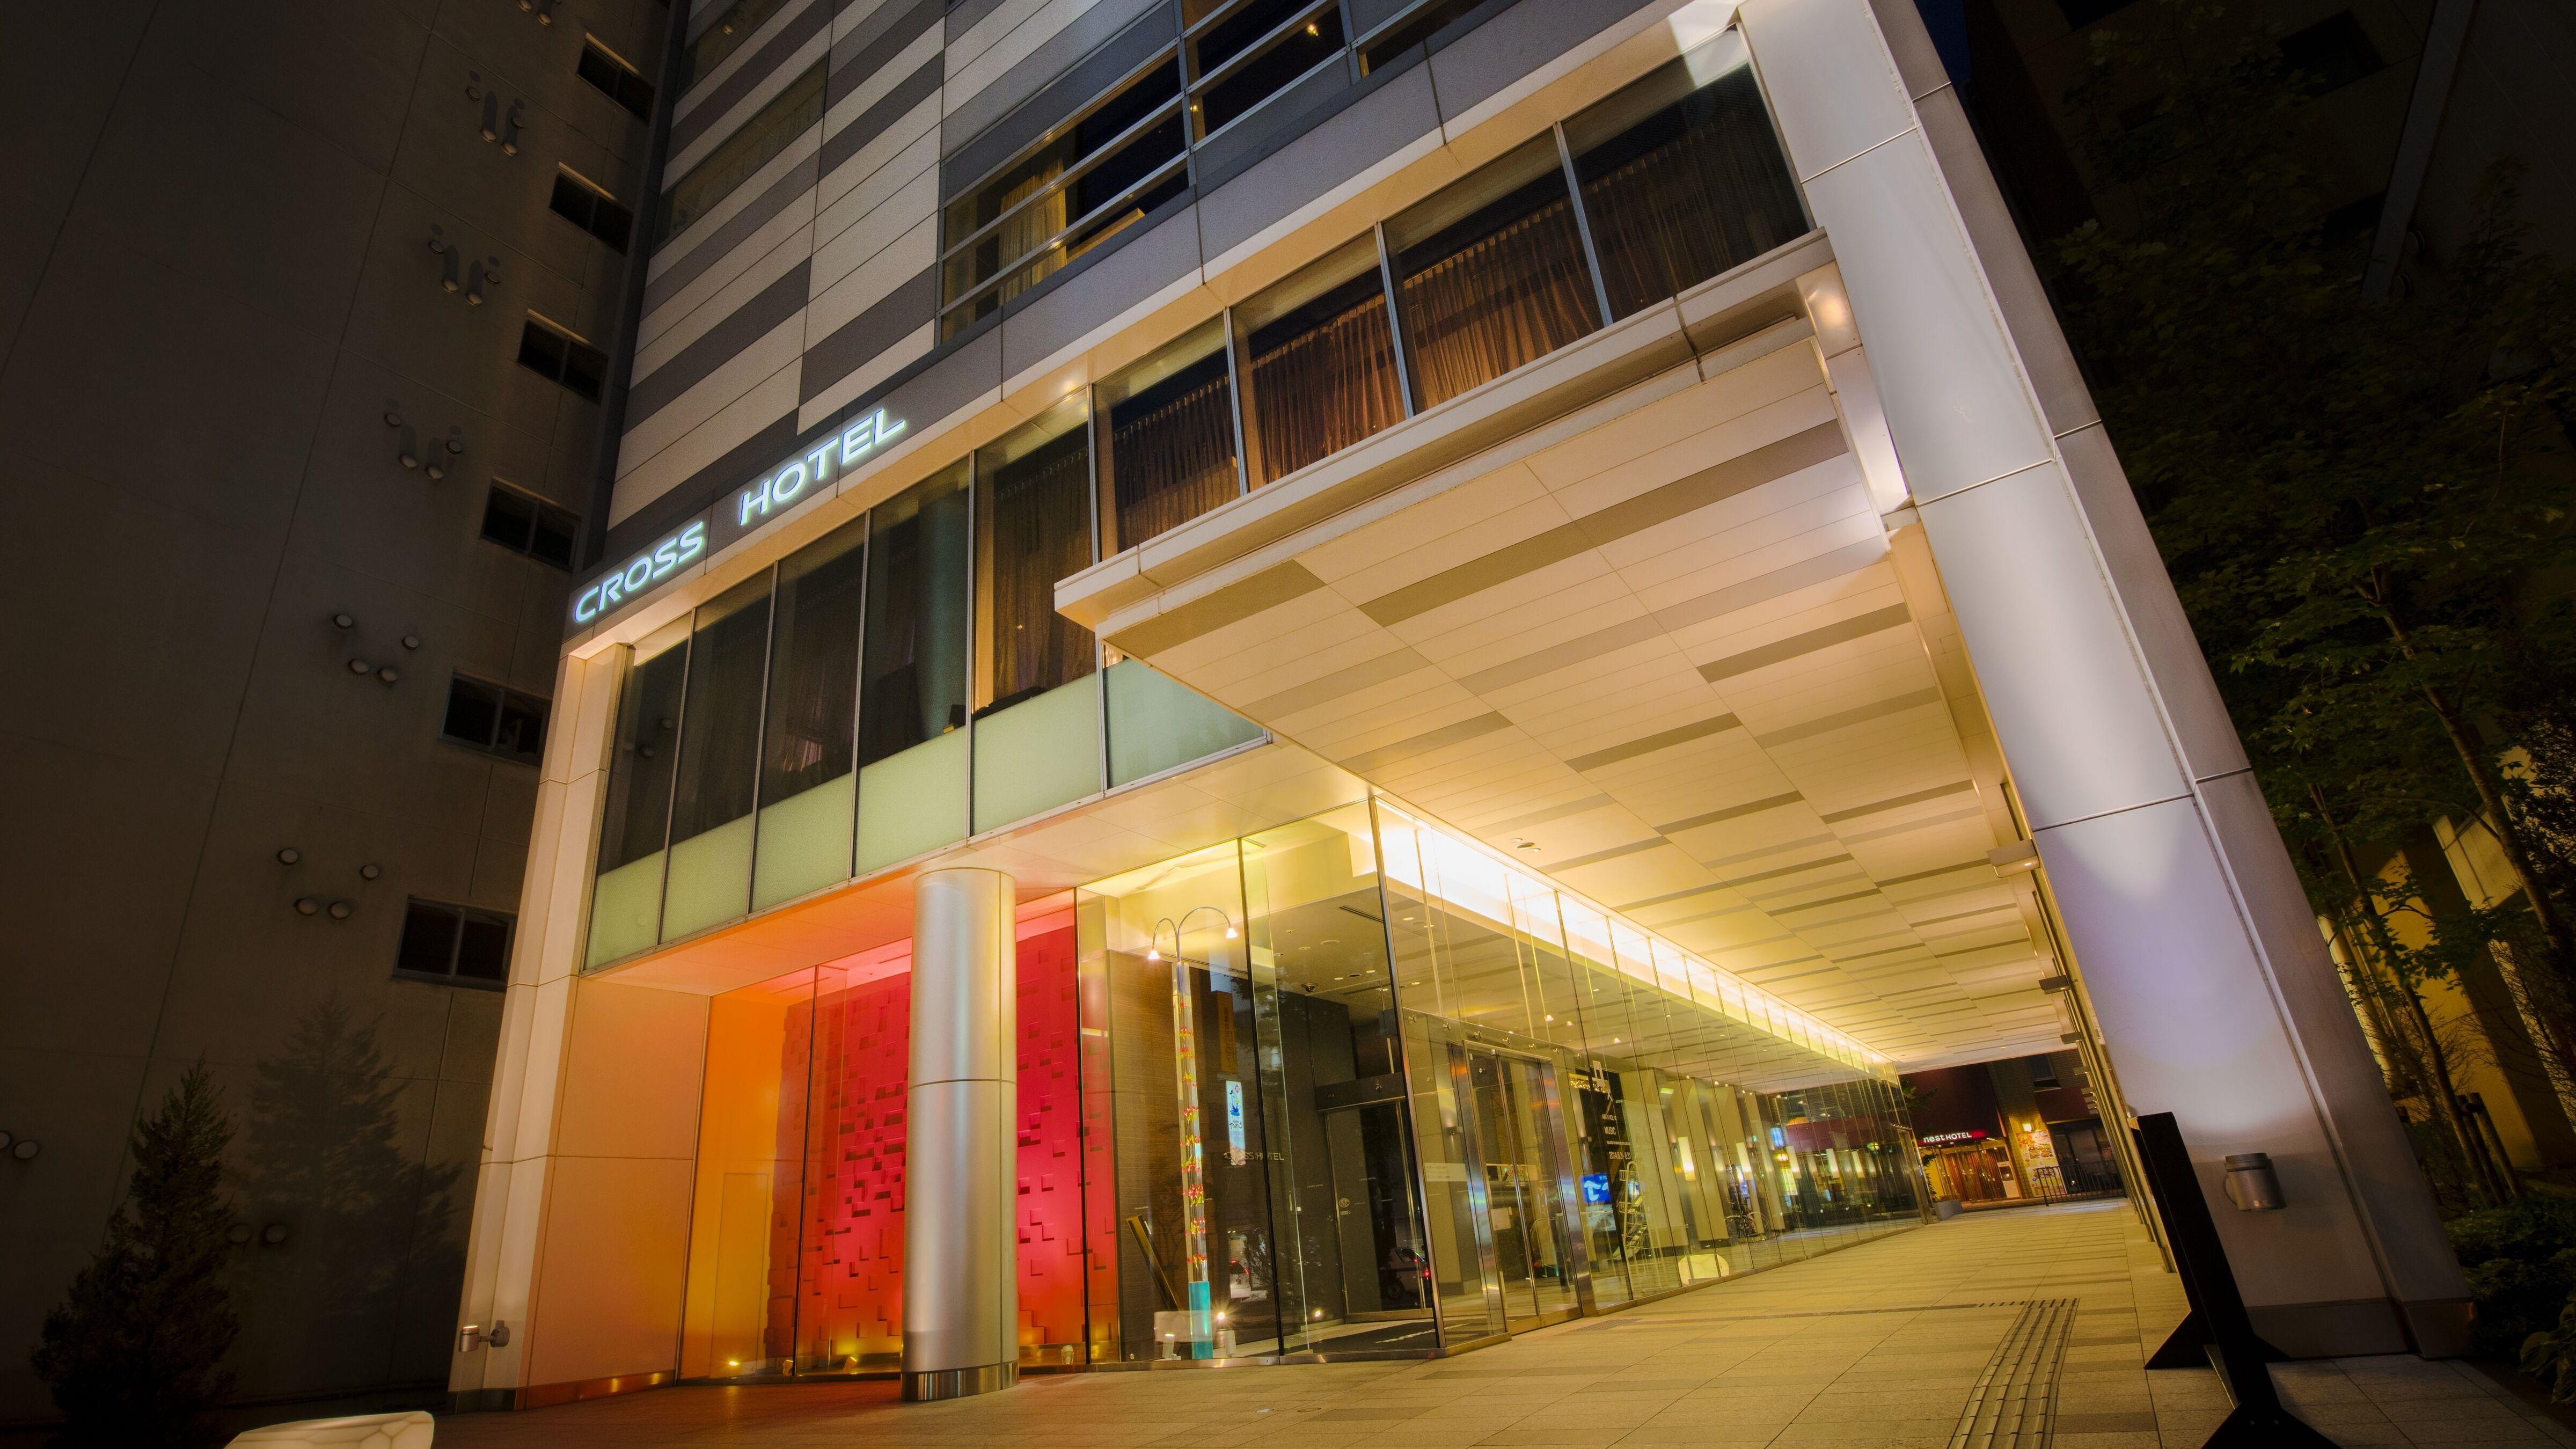 クロスホテル札幌 image